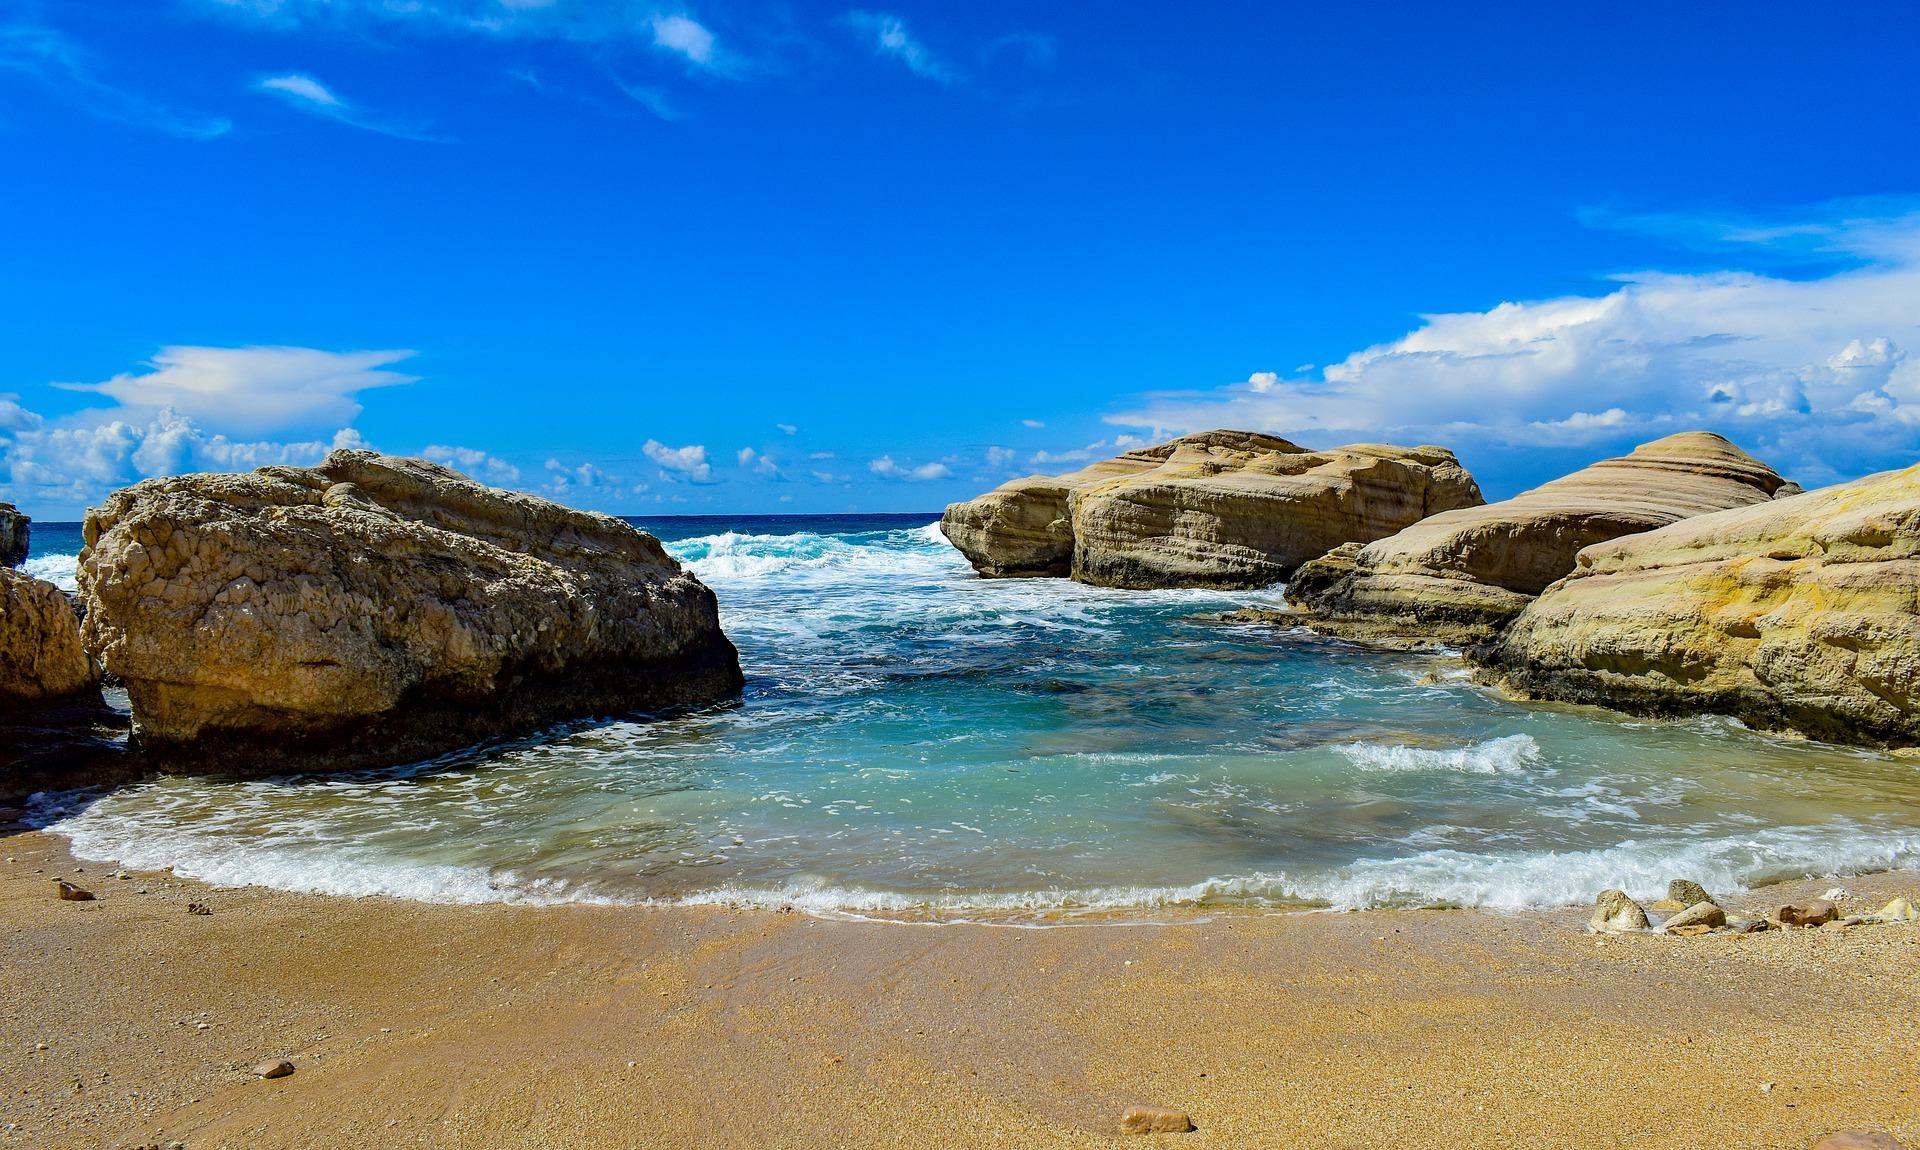 beach-4624458_1920